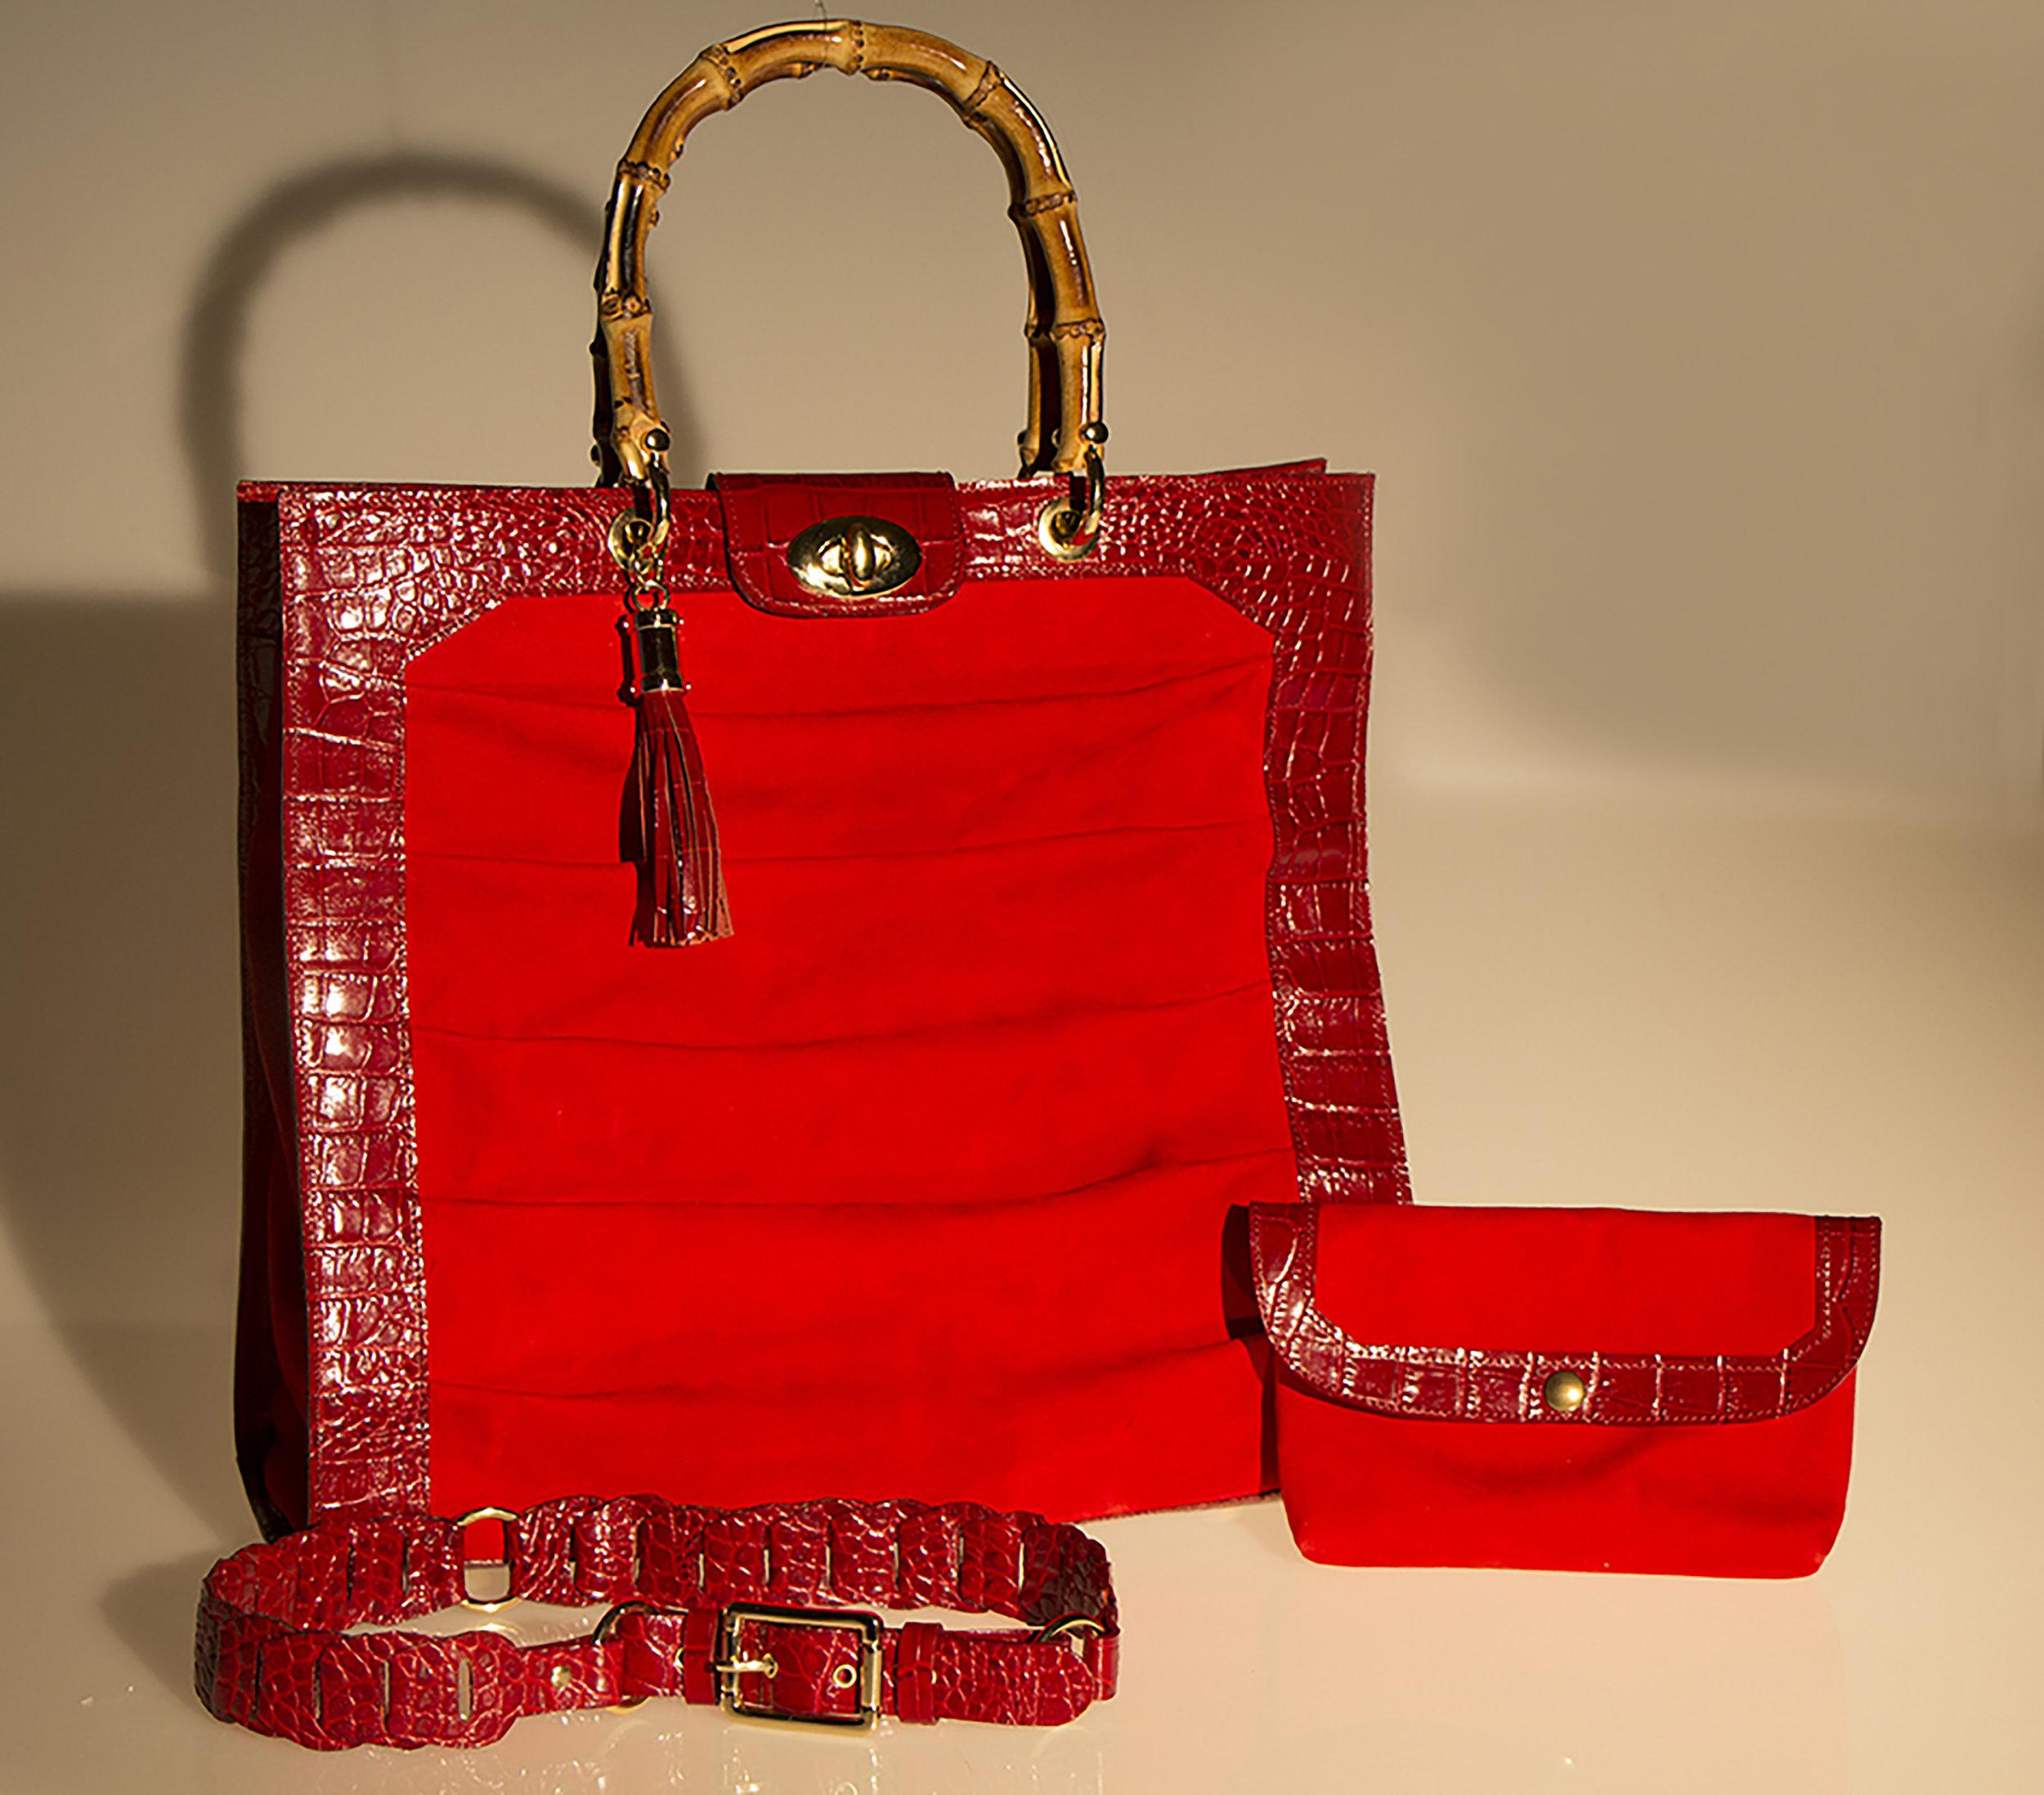 Red handbag second version.jpg